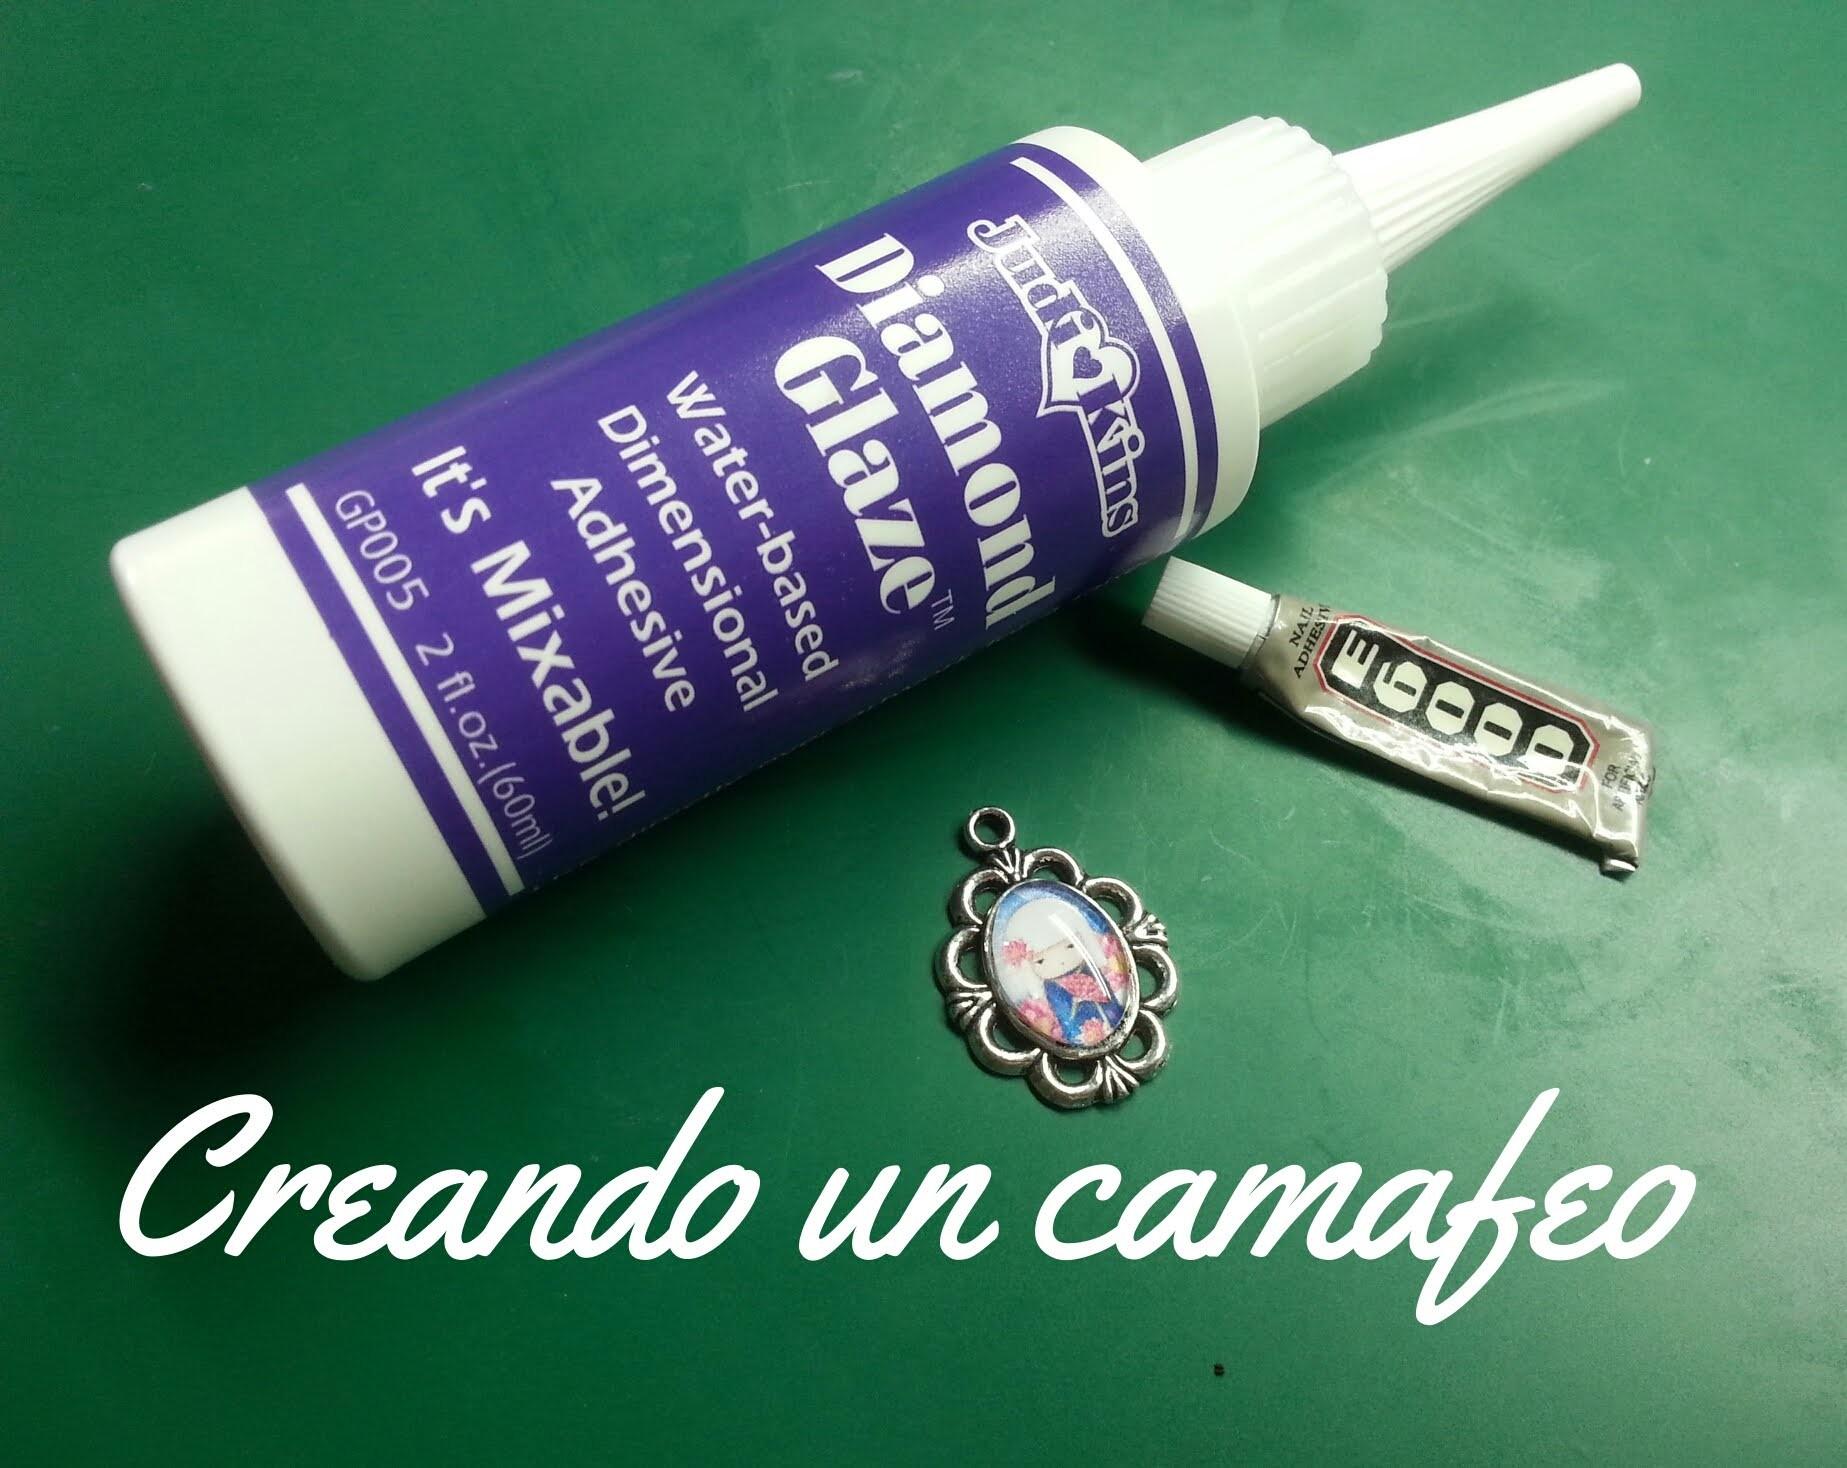 Creando un camafeo - DIY How to make a cameo brooch